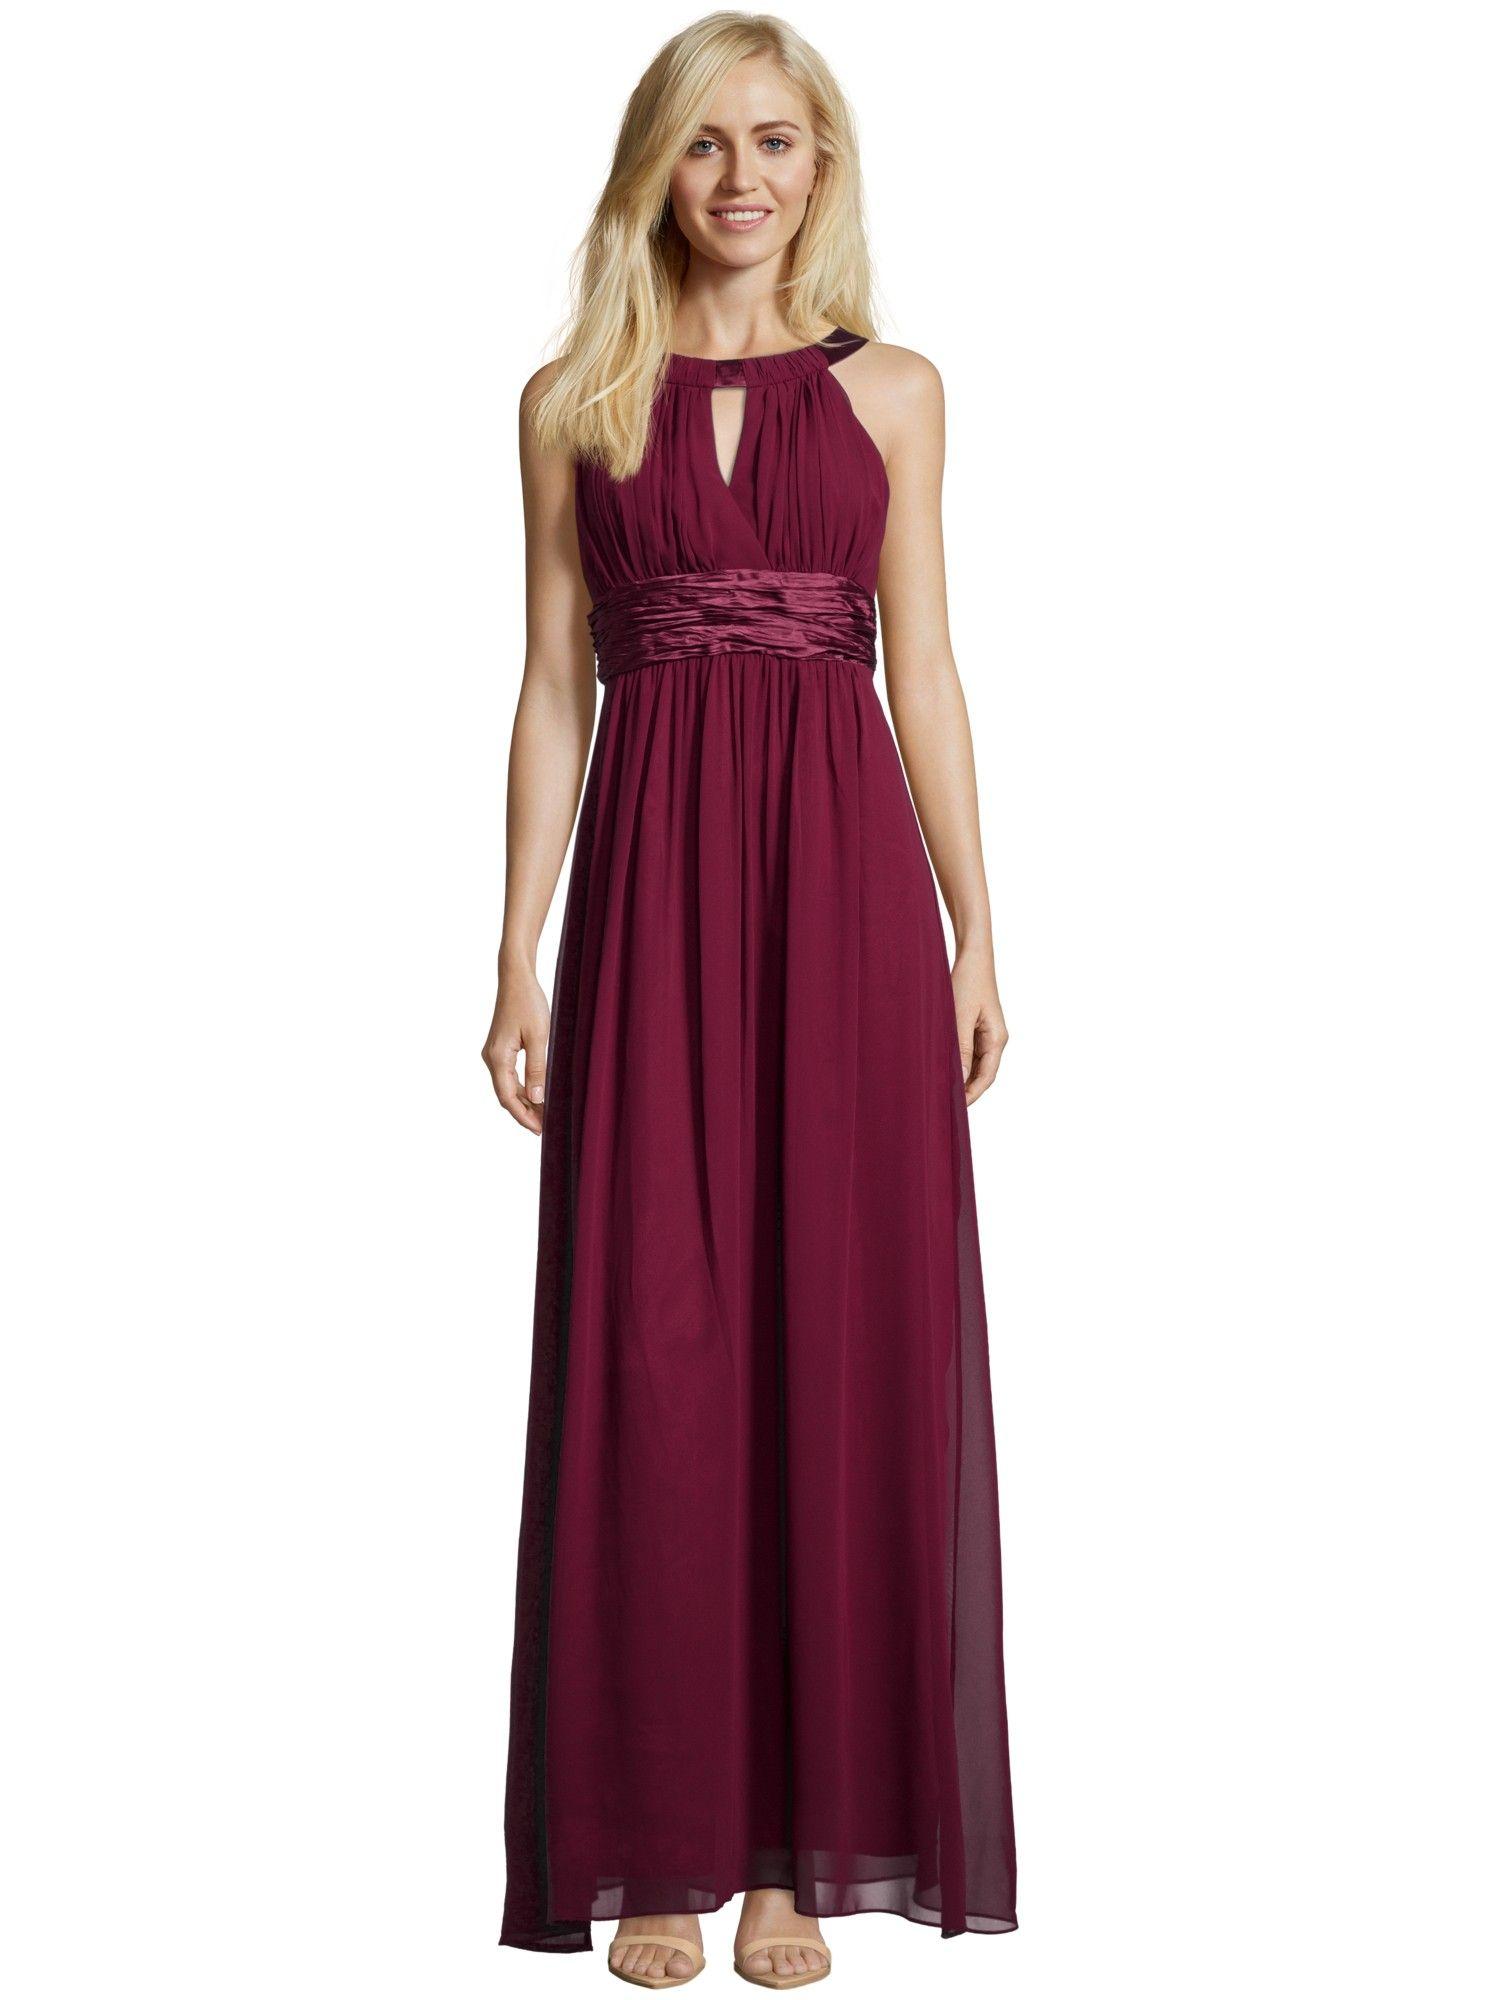 JAKES-COLLECTION Abendkleid mit Collierkragen in Rot online kaufen ...